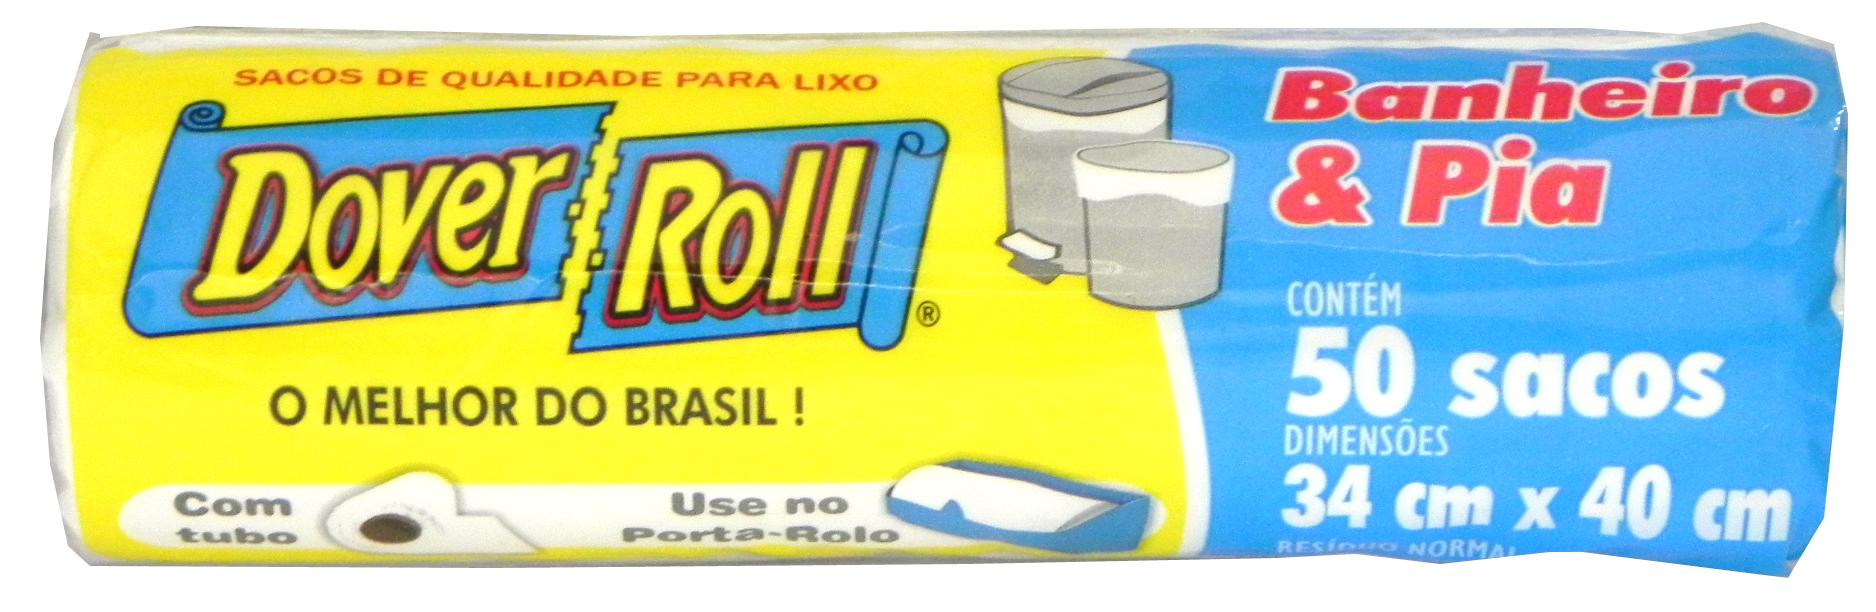 Saco para Lixo Dover-Roll Banheiro & Pia c/50